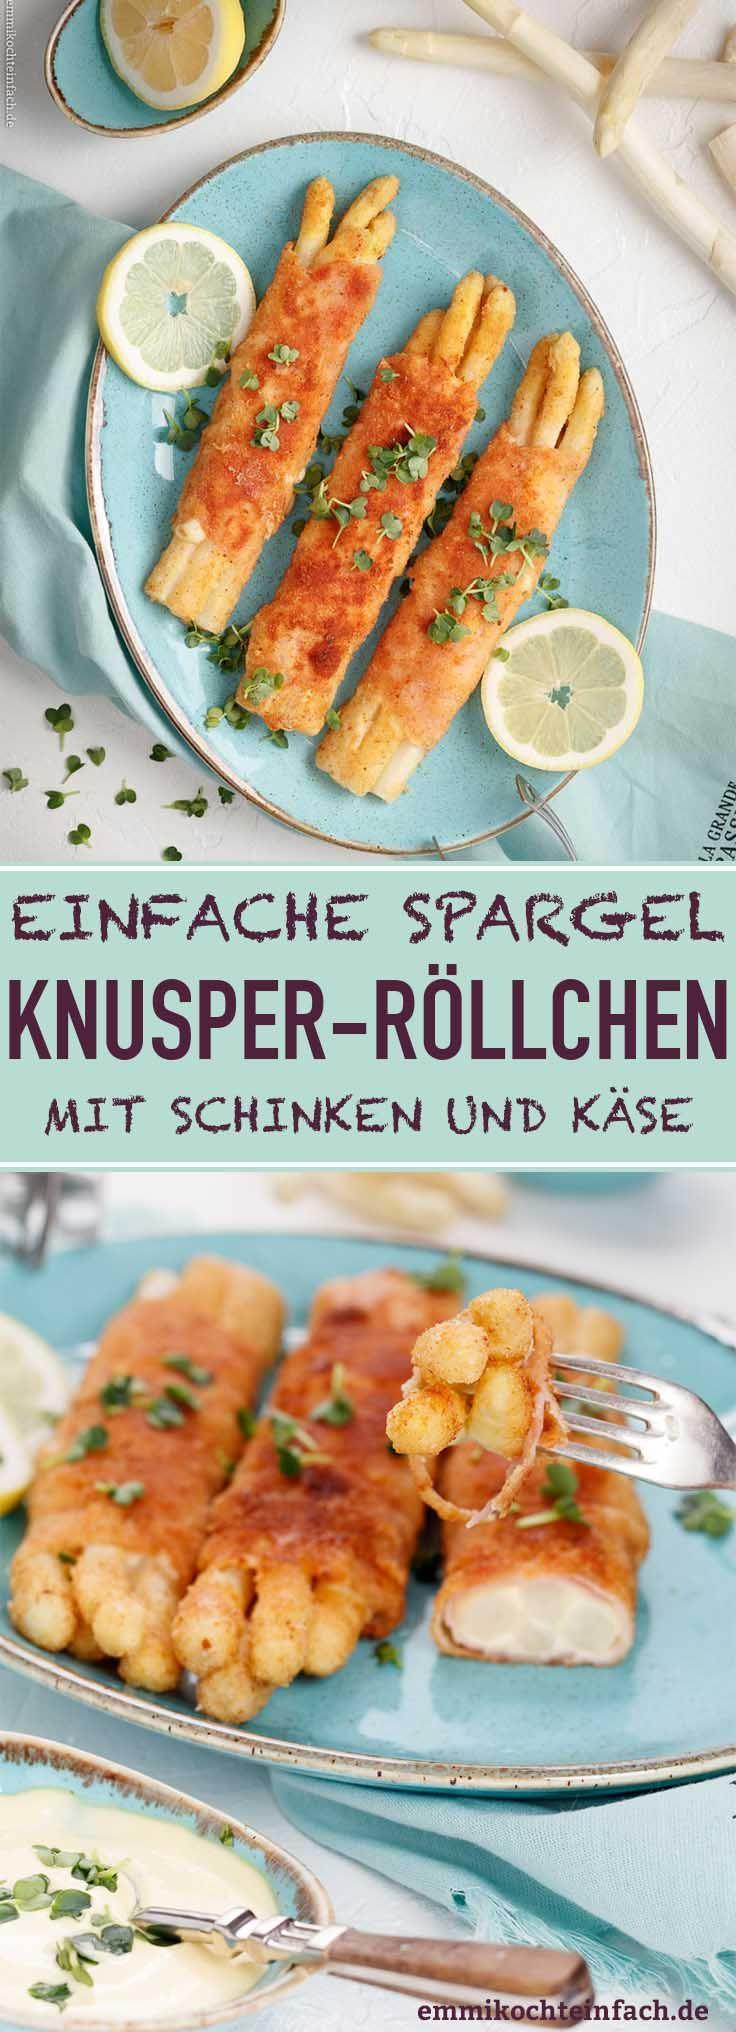 Spargel Knusperröllchen mit Schinken und Käse #maketacoseasoning